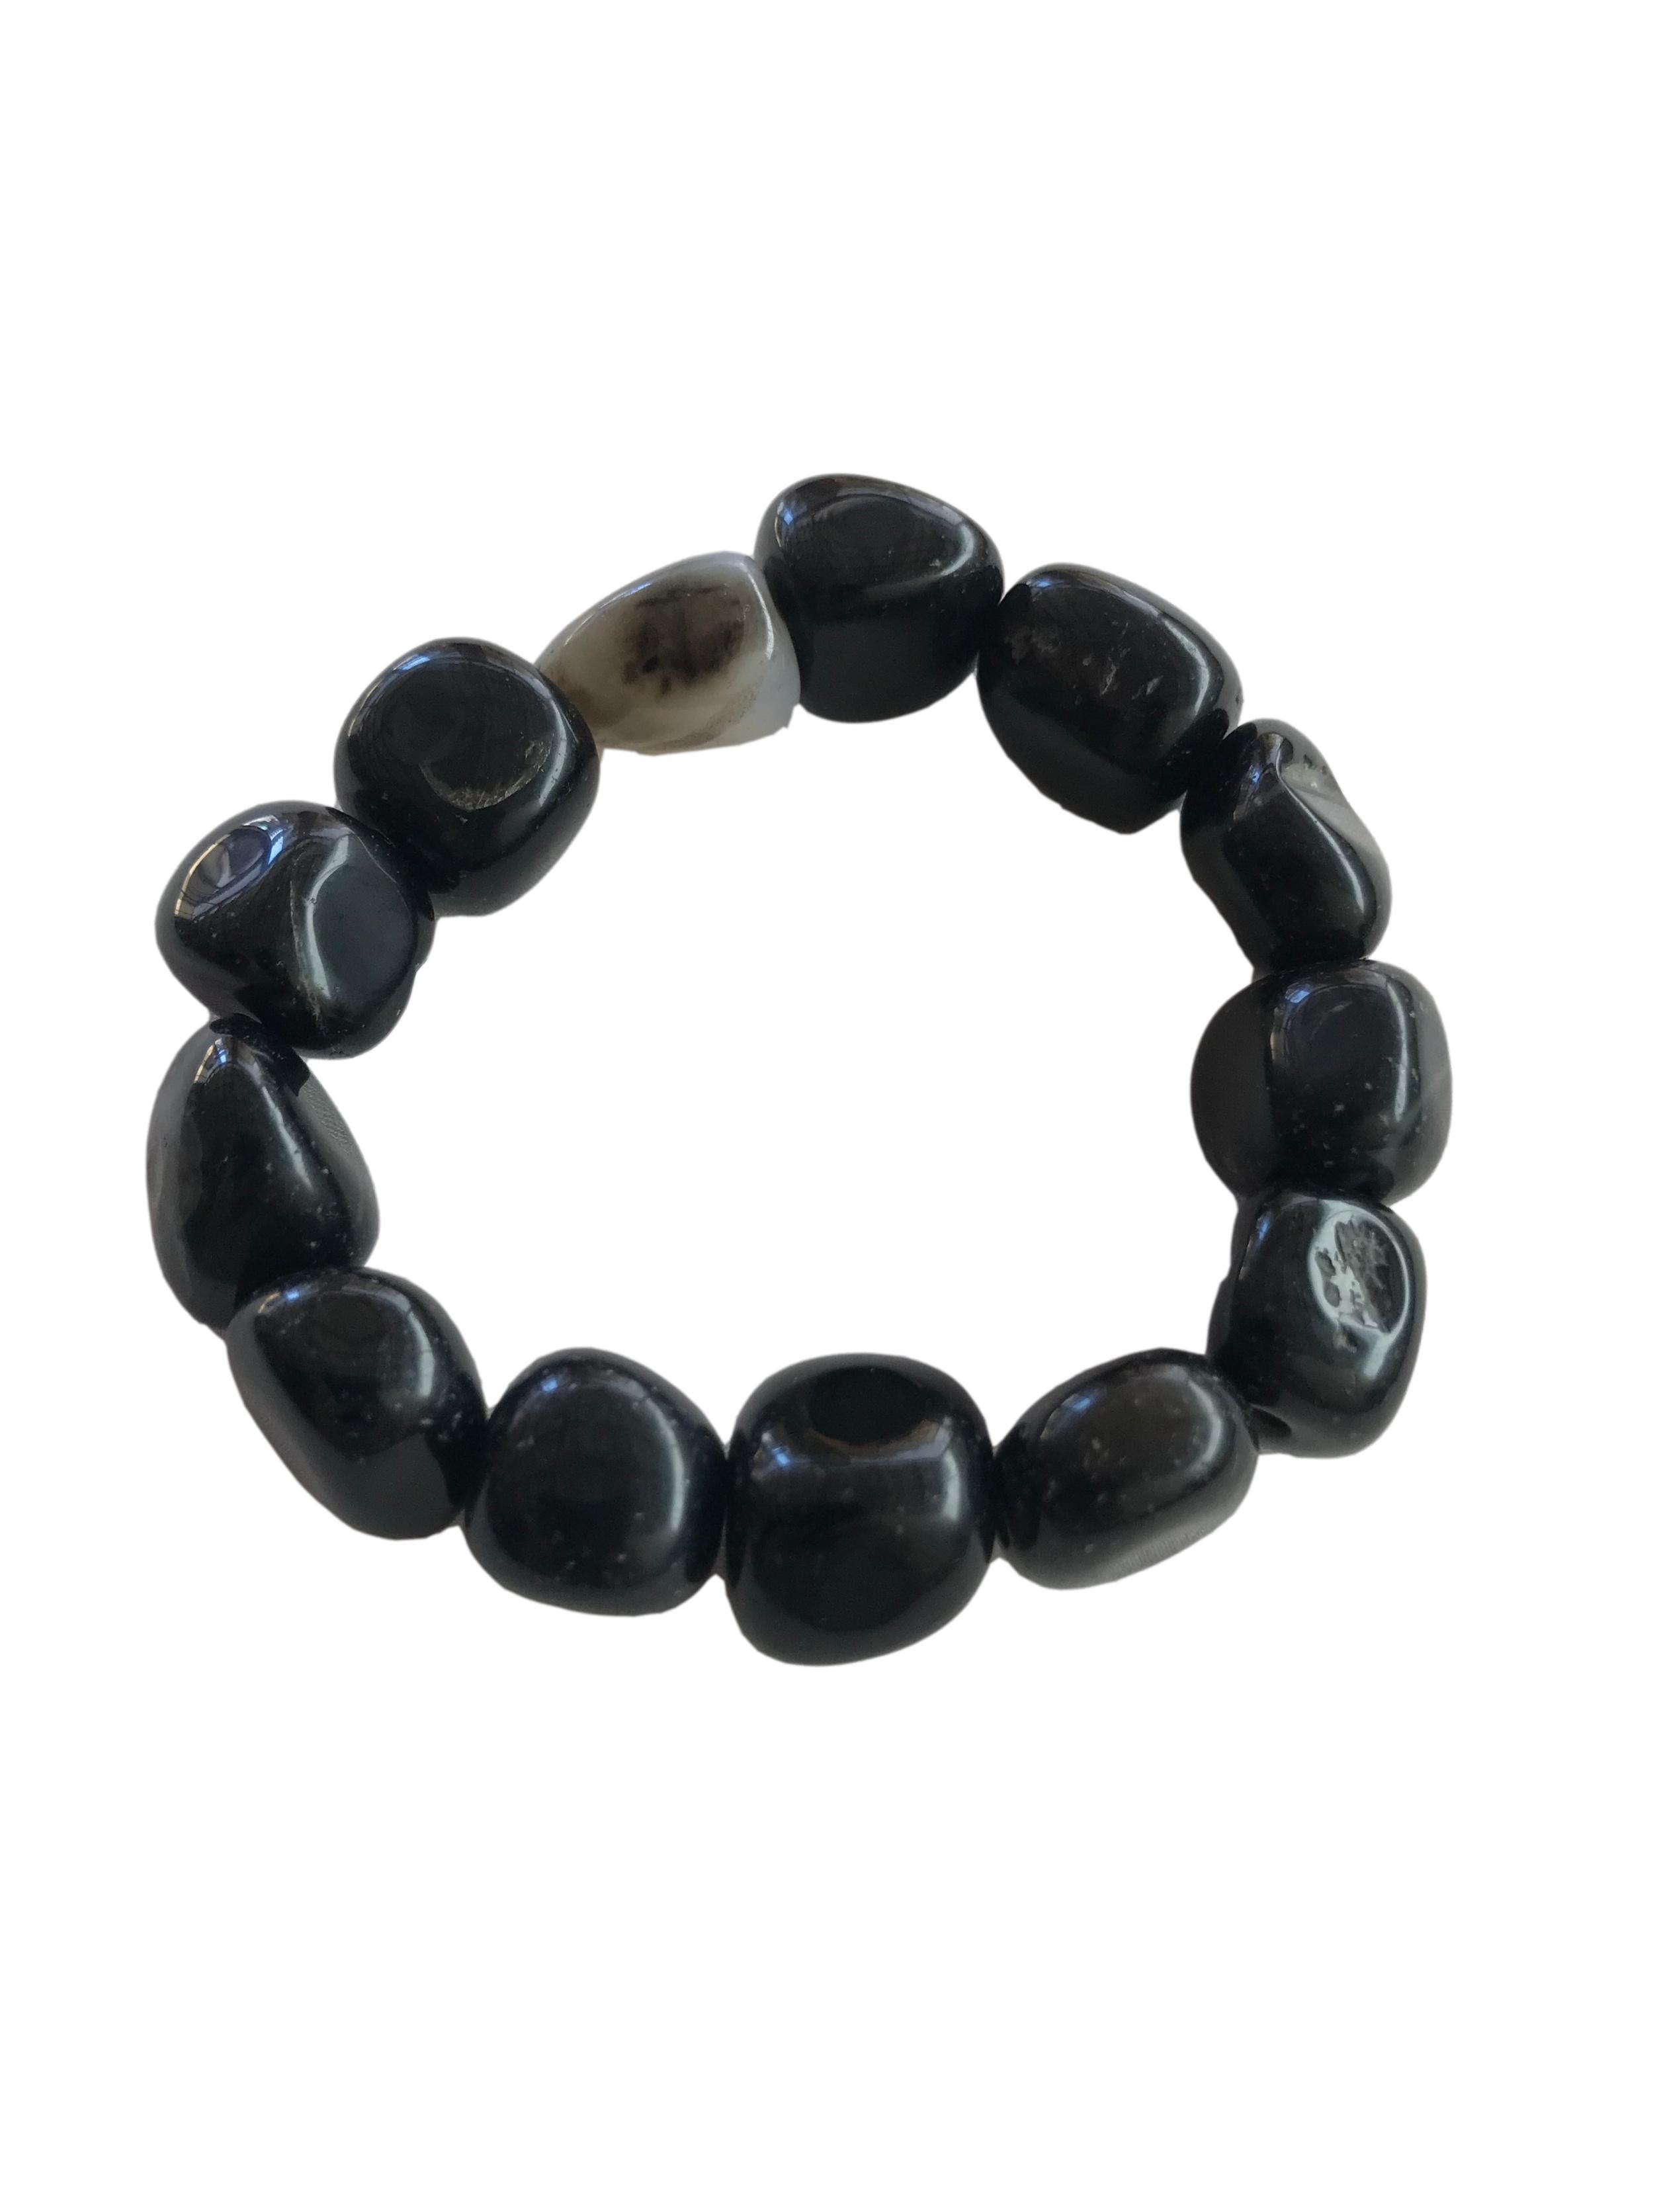 Pulsera elástica de piedras negras con una ploma. Diámetro 7 cm